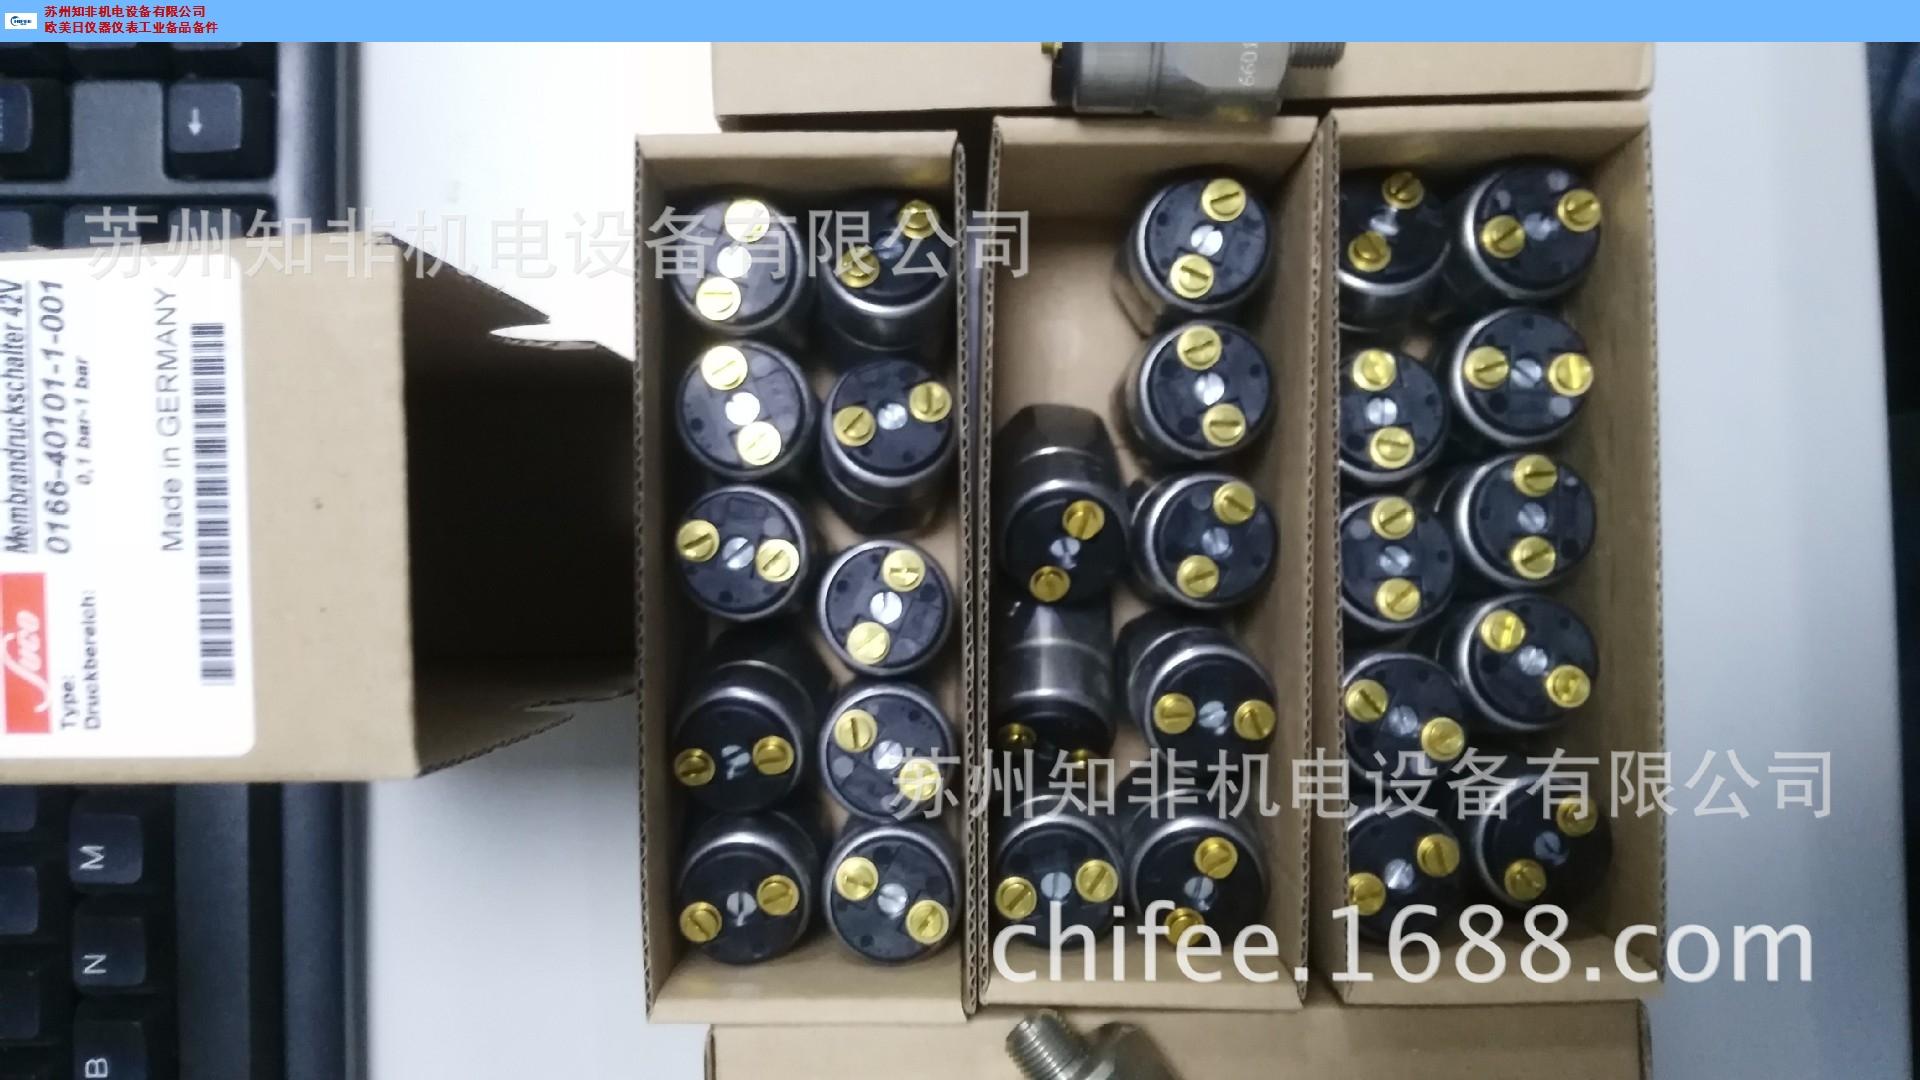 宁波苏克压力开关经销商 客户至上 苏州知非机电设备供应